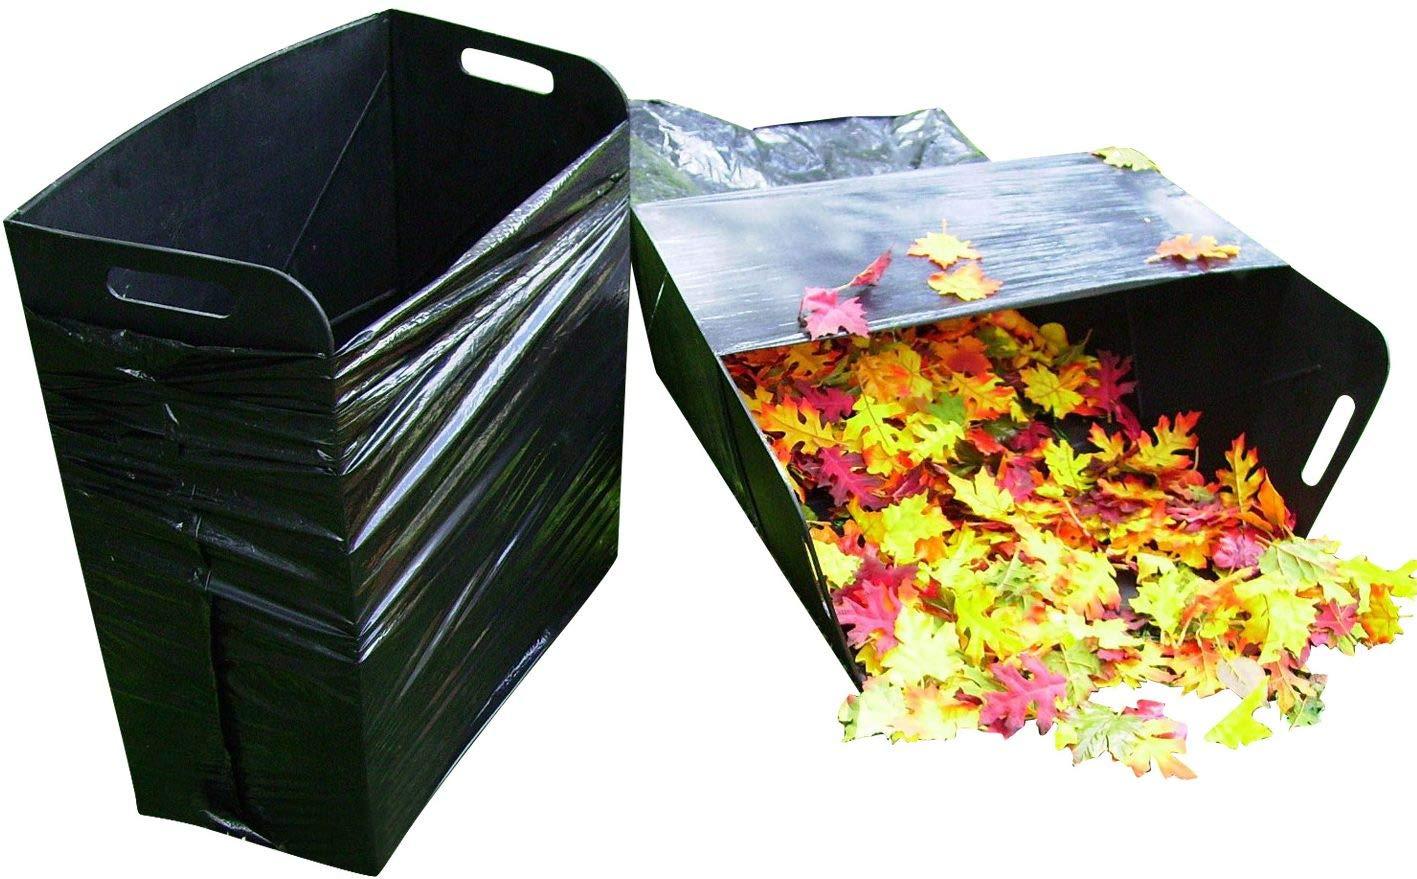 Bag Butler Lawn and Leaf Trash Bag Holder by Bag Butler